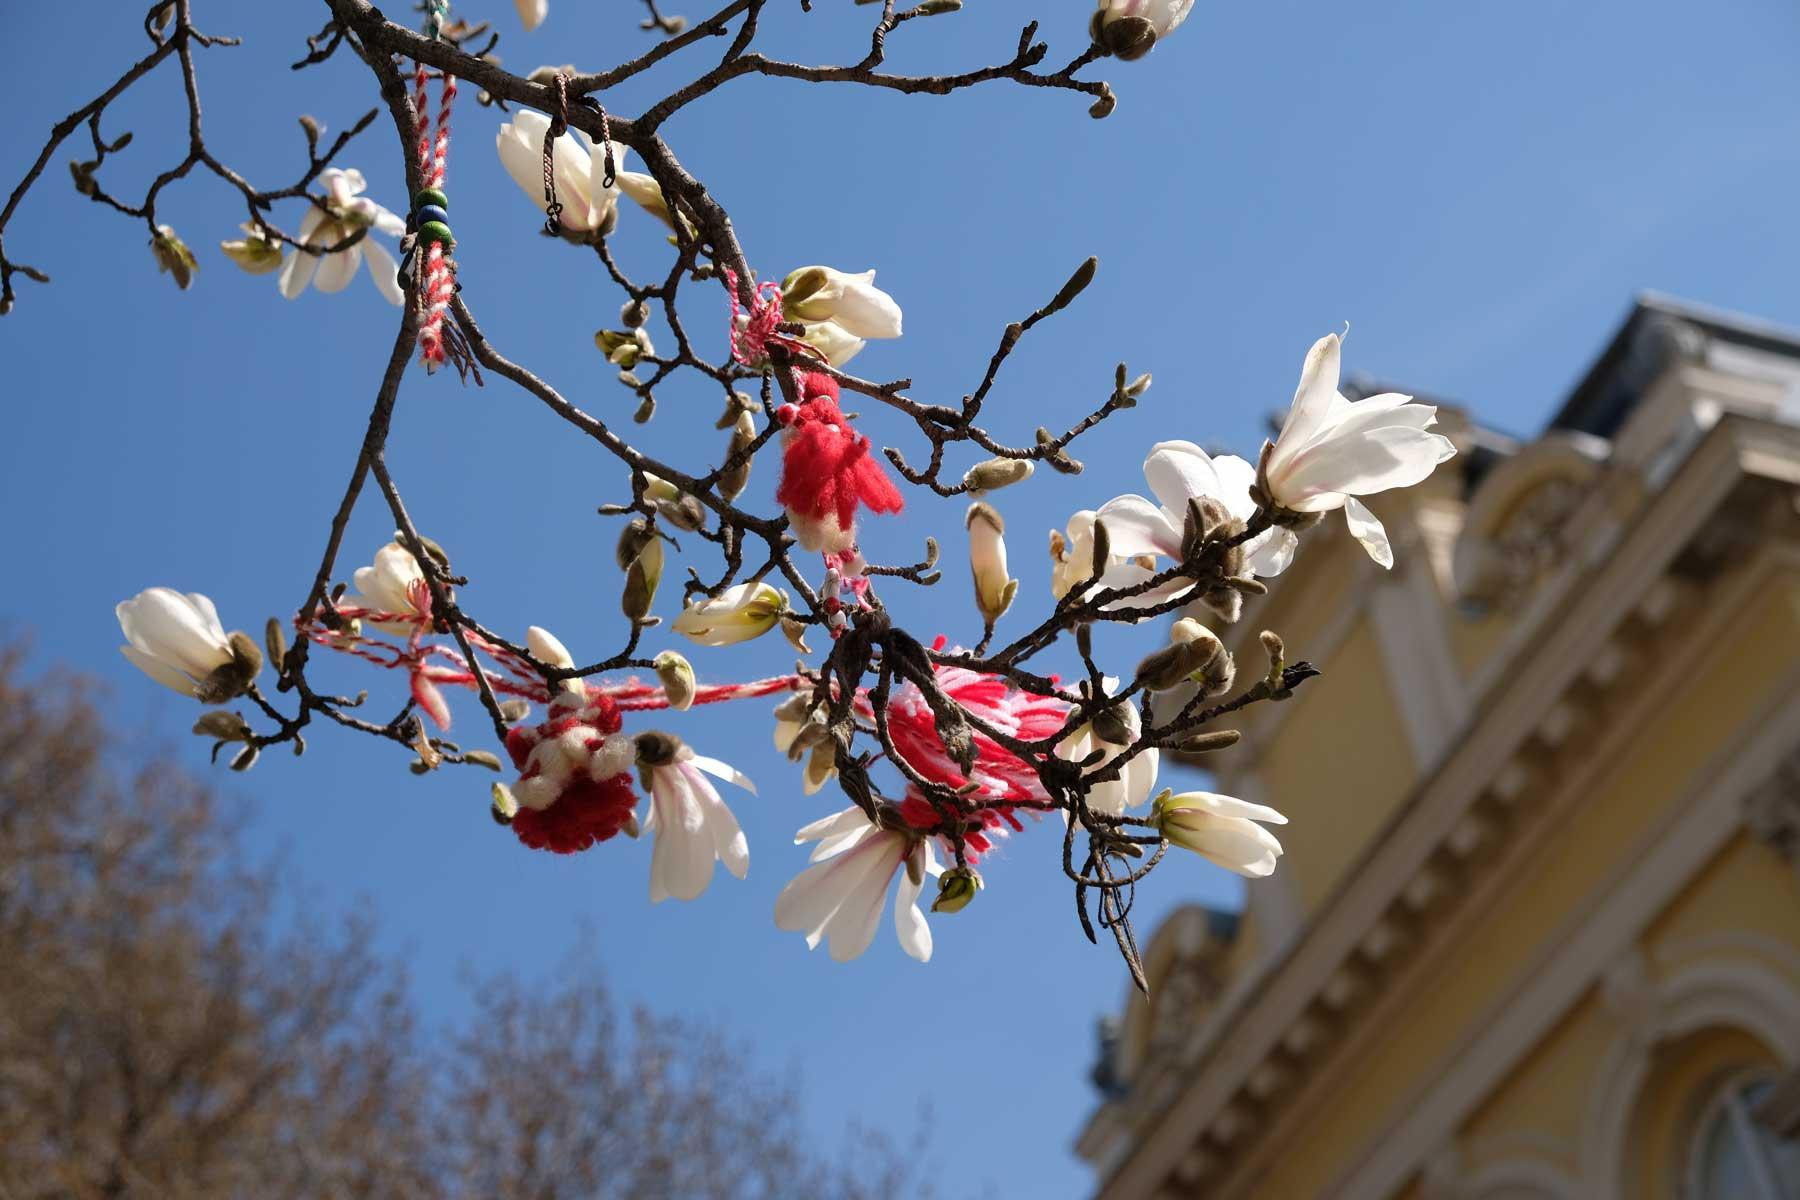 Mit Martenizi begrüßen wir den Frühling, ein typischer Brauch in Bulgarien